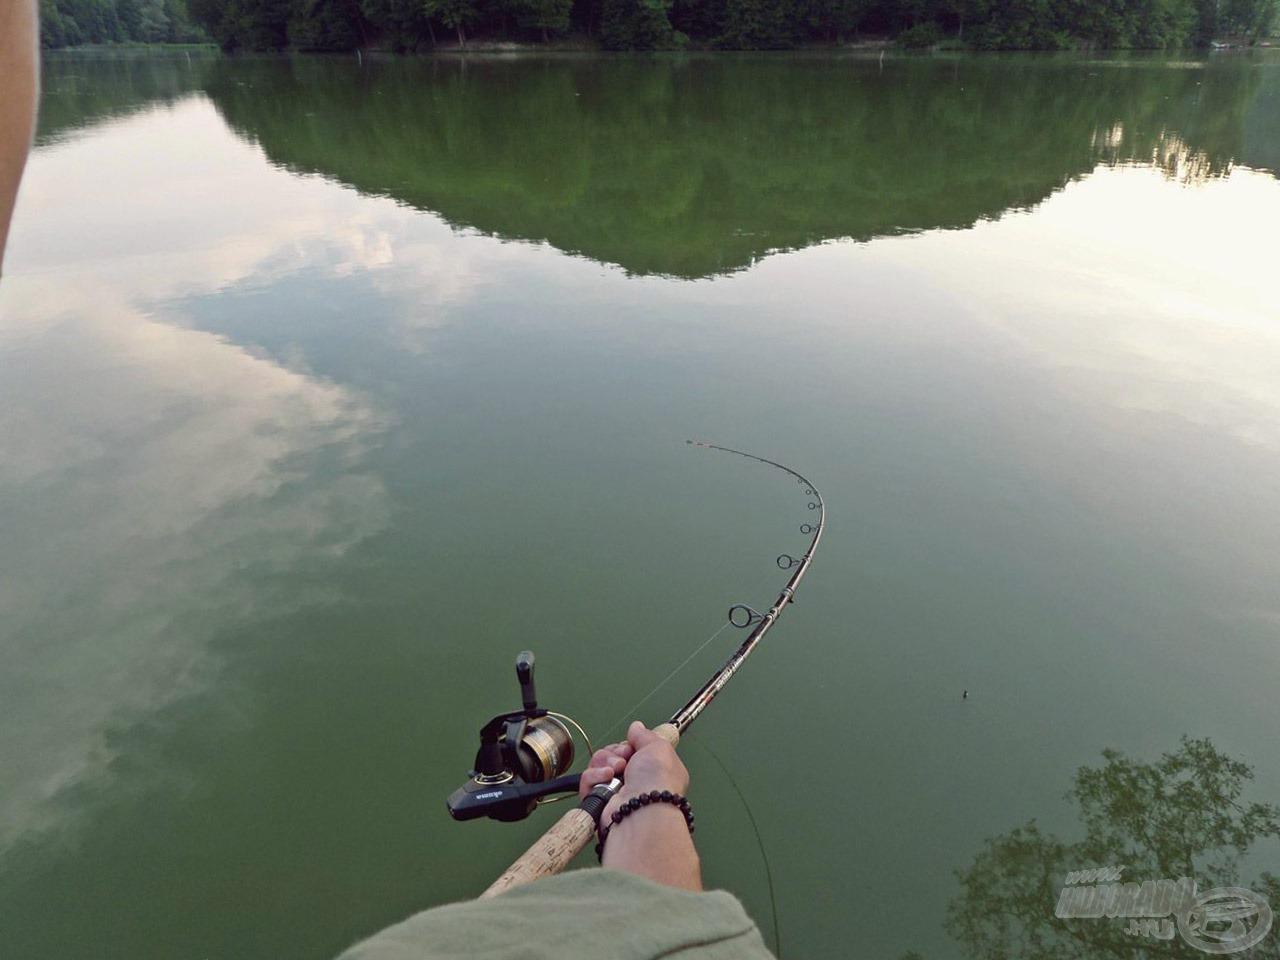 Igazán jó erőben voltak a halak - ez talán a felmelegedett víznek is köszönhető , de ez alapjában is jellemző ezen a tavon